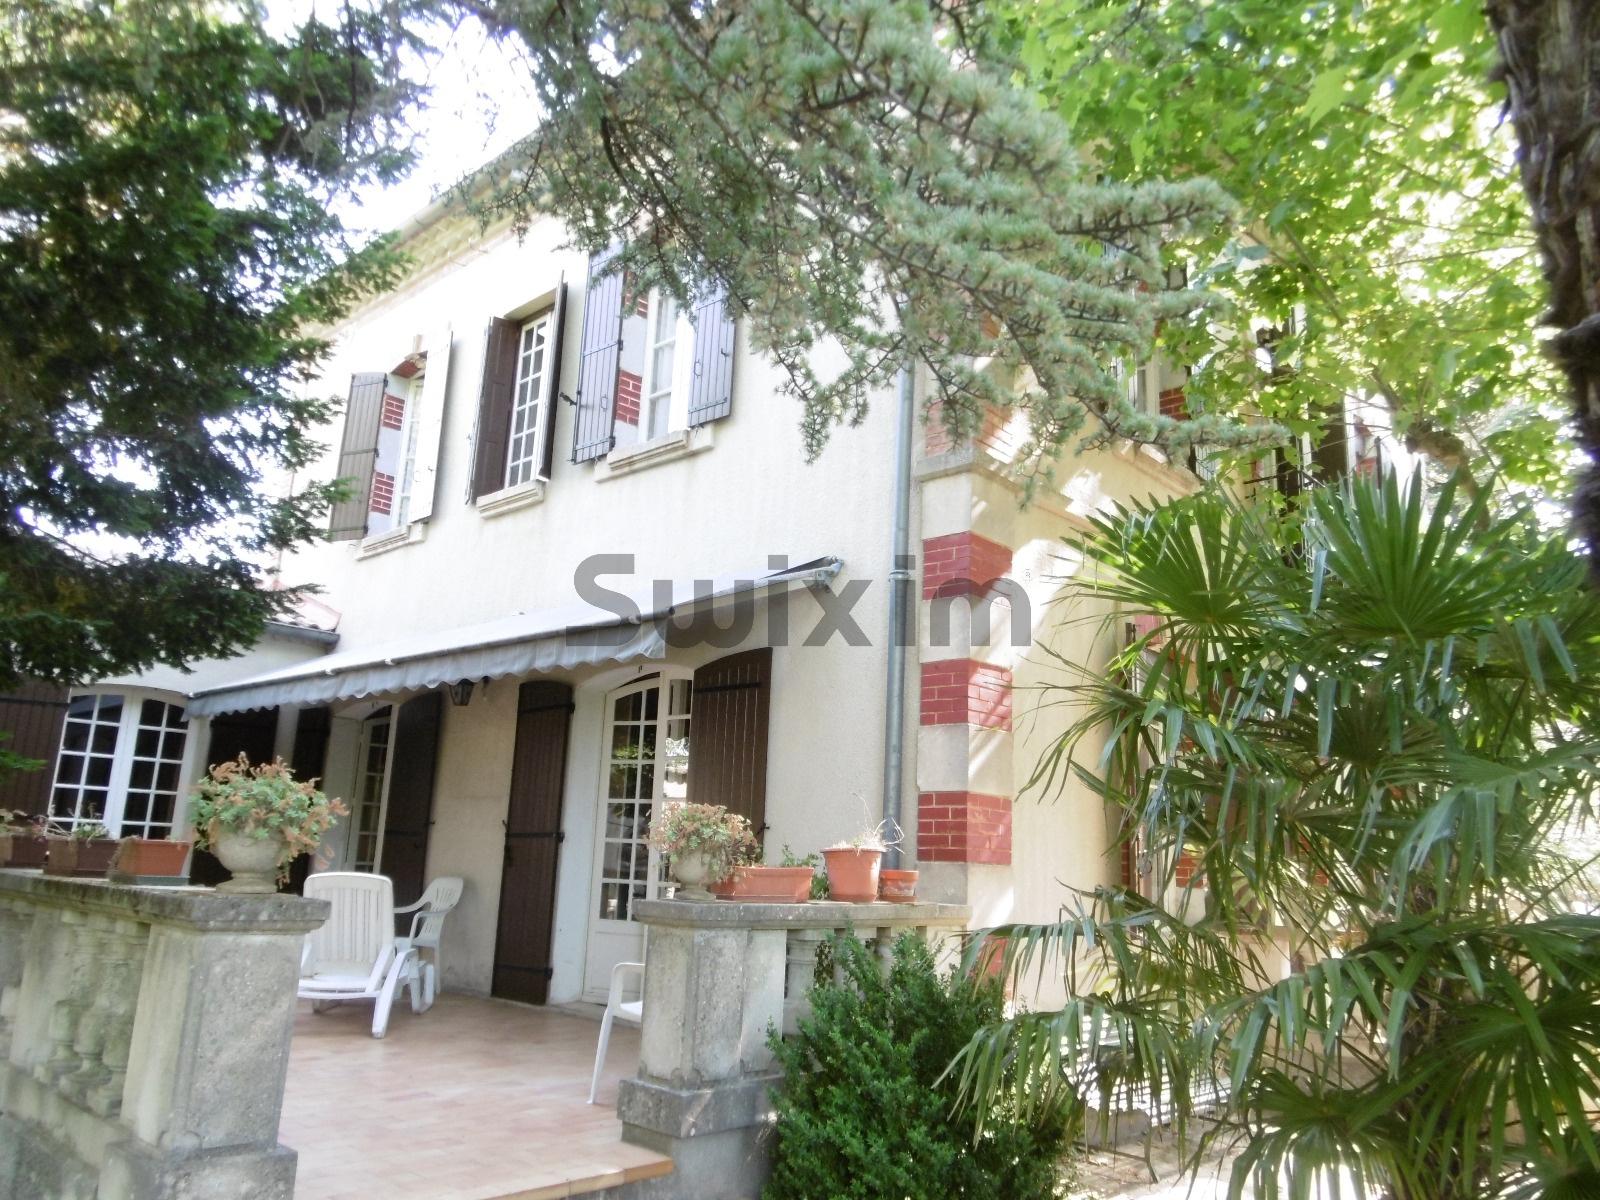 Vente le r ve d 39 une maison bourgeoise a 18 km d 39 uz s for Acheter maison uzes